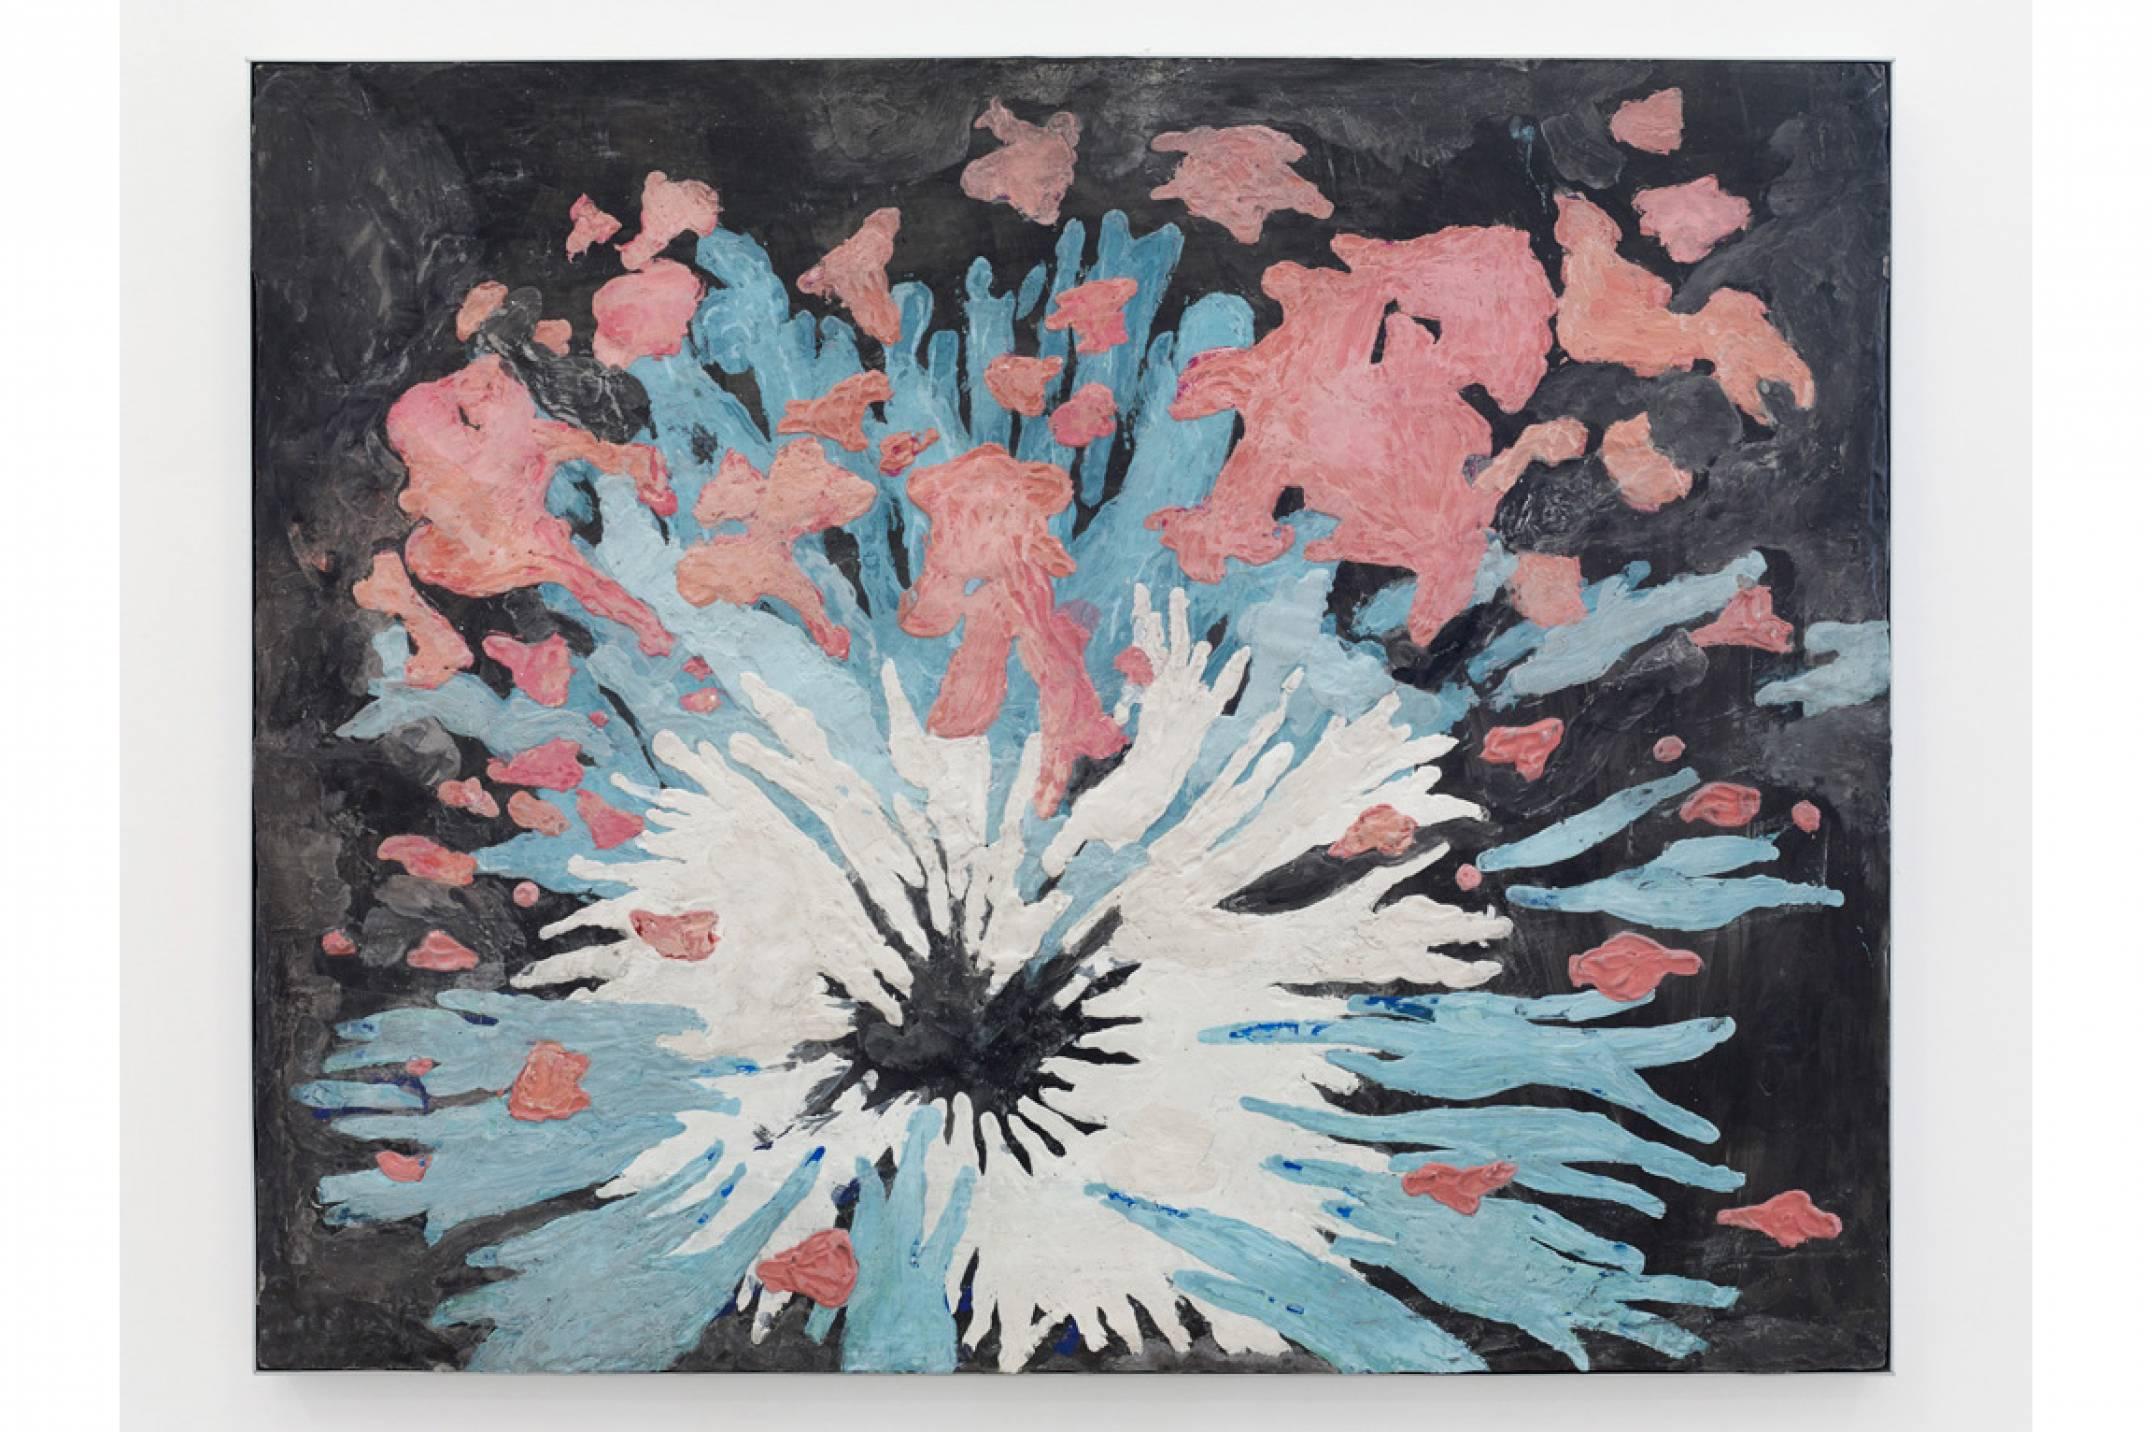 Giulio Delvè,<em>La parata dei rosa elefanti,</em> 2012, plaster on mdf, 55 × 65 × 3 cm - Mendes Wood DM